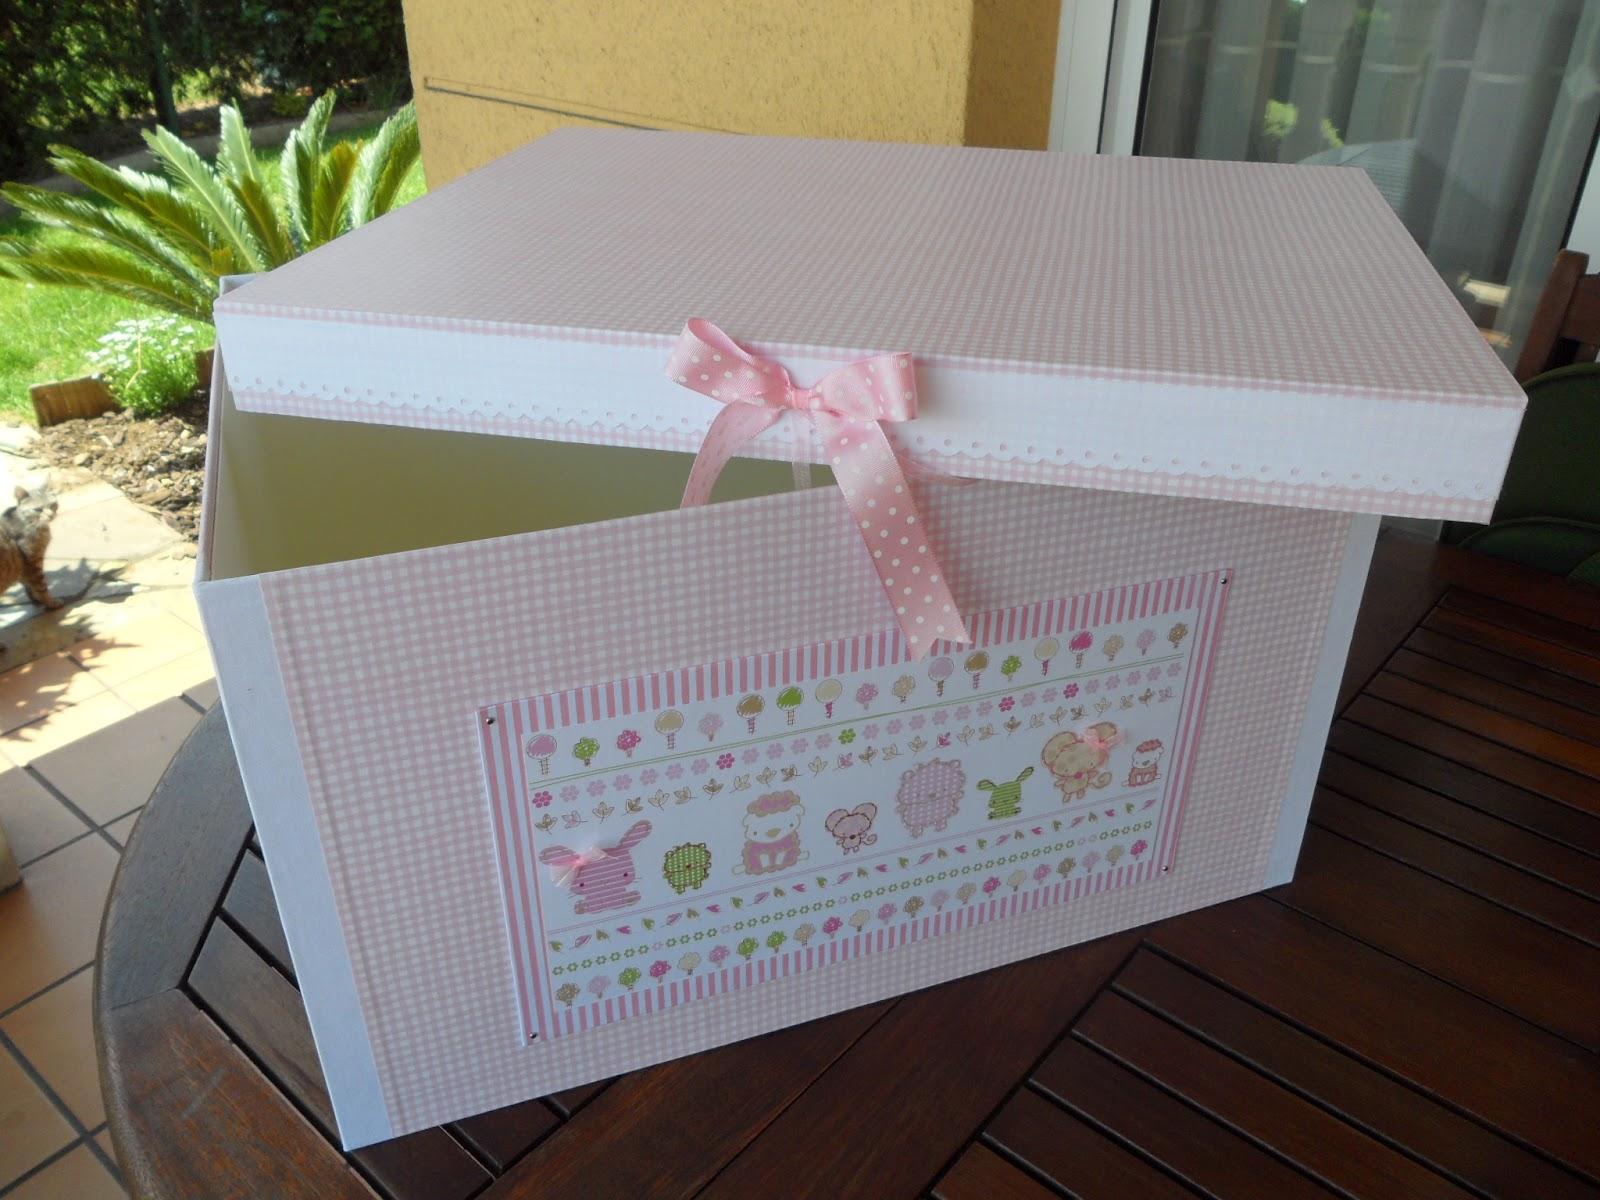 De cart n y trapo caja para guardar la ropa de candela for Cajas de plastico para guardar ropa